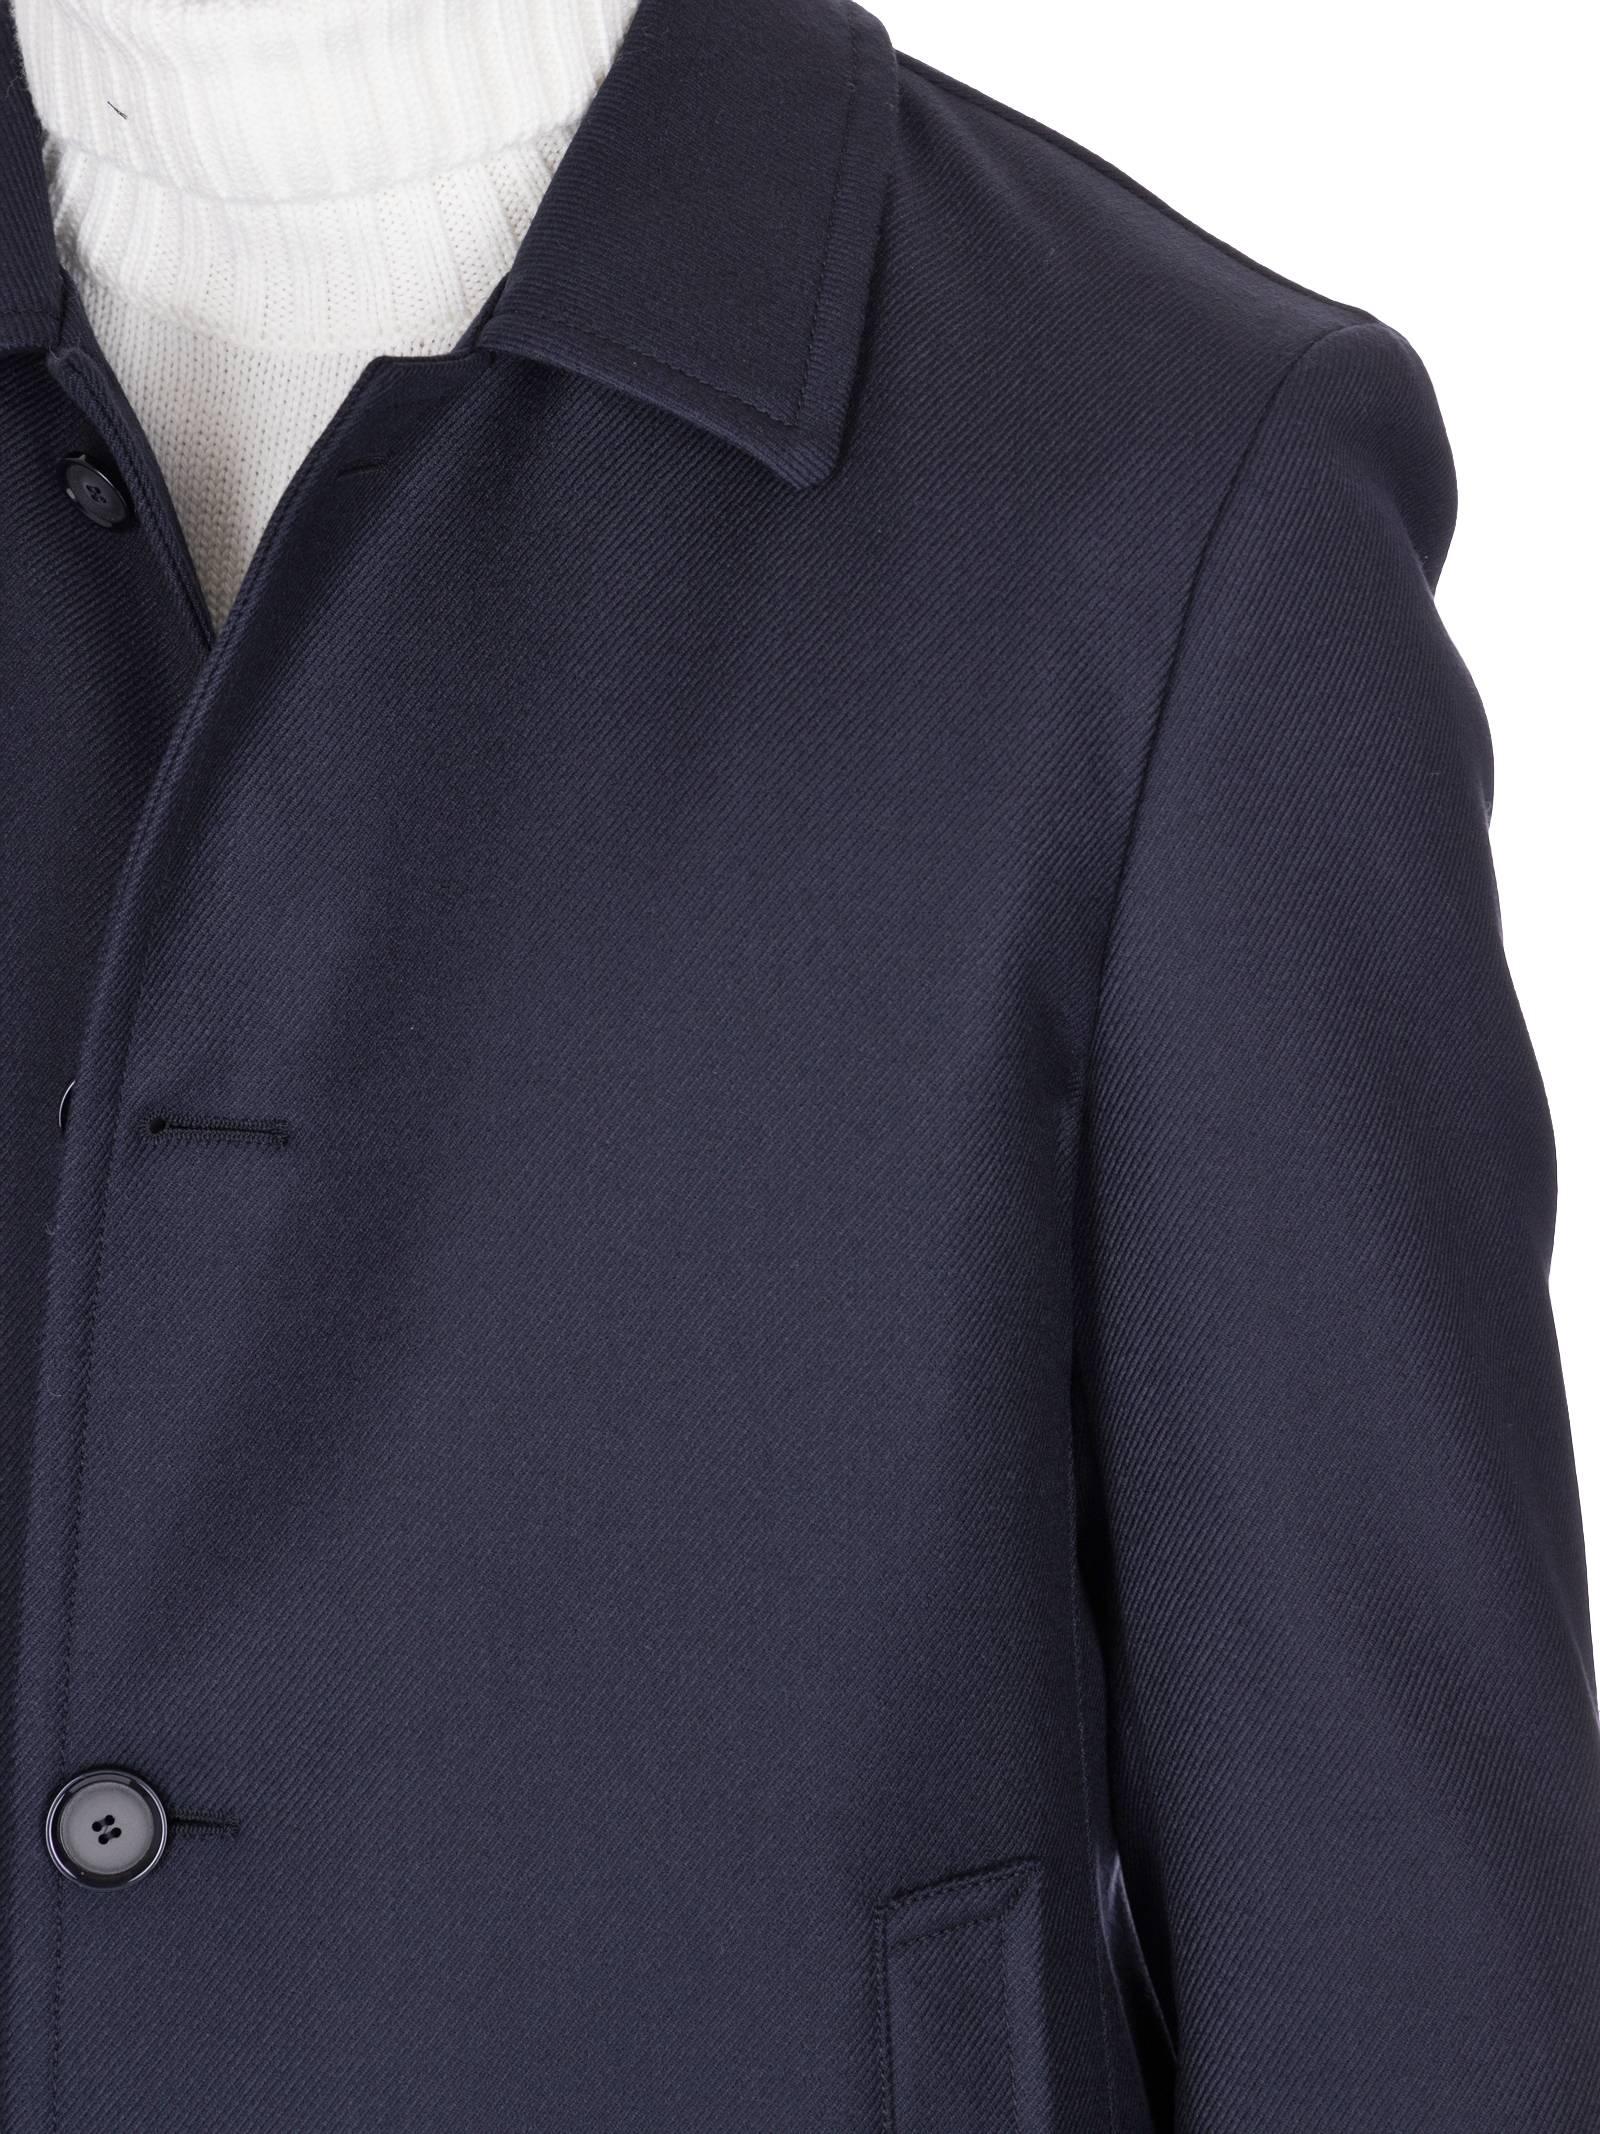 Cappotto Tagliatore TAGLIATORE   17   FLASHB1641